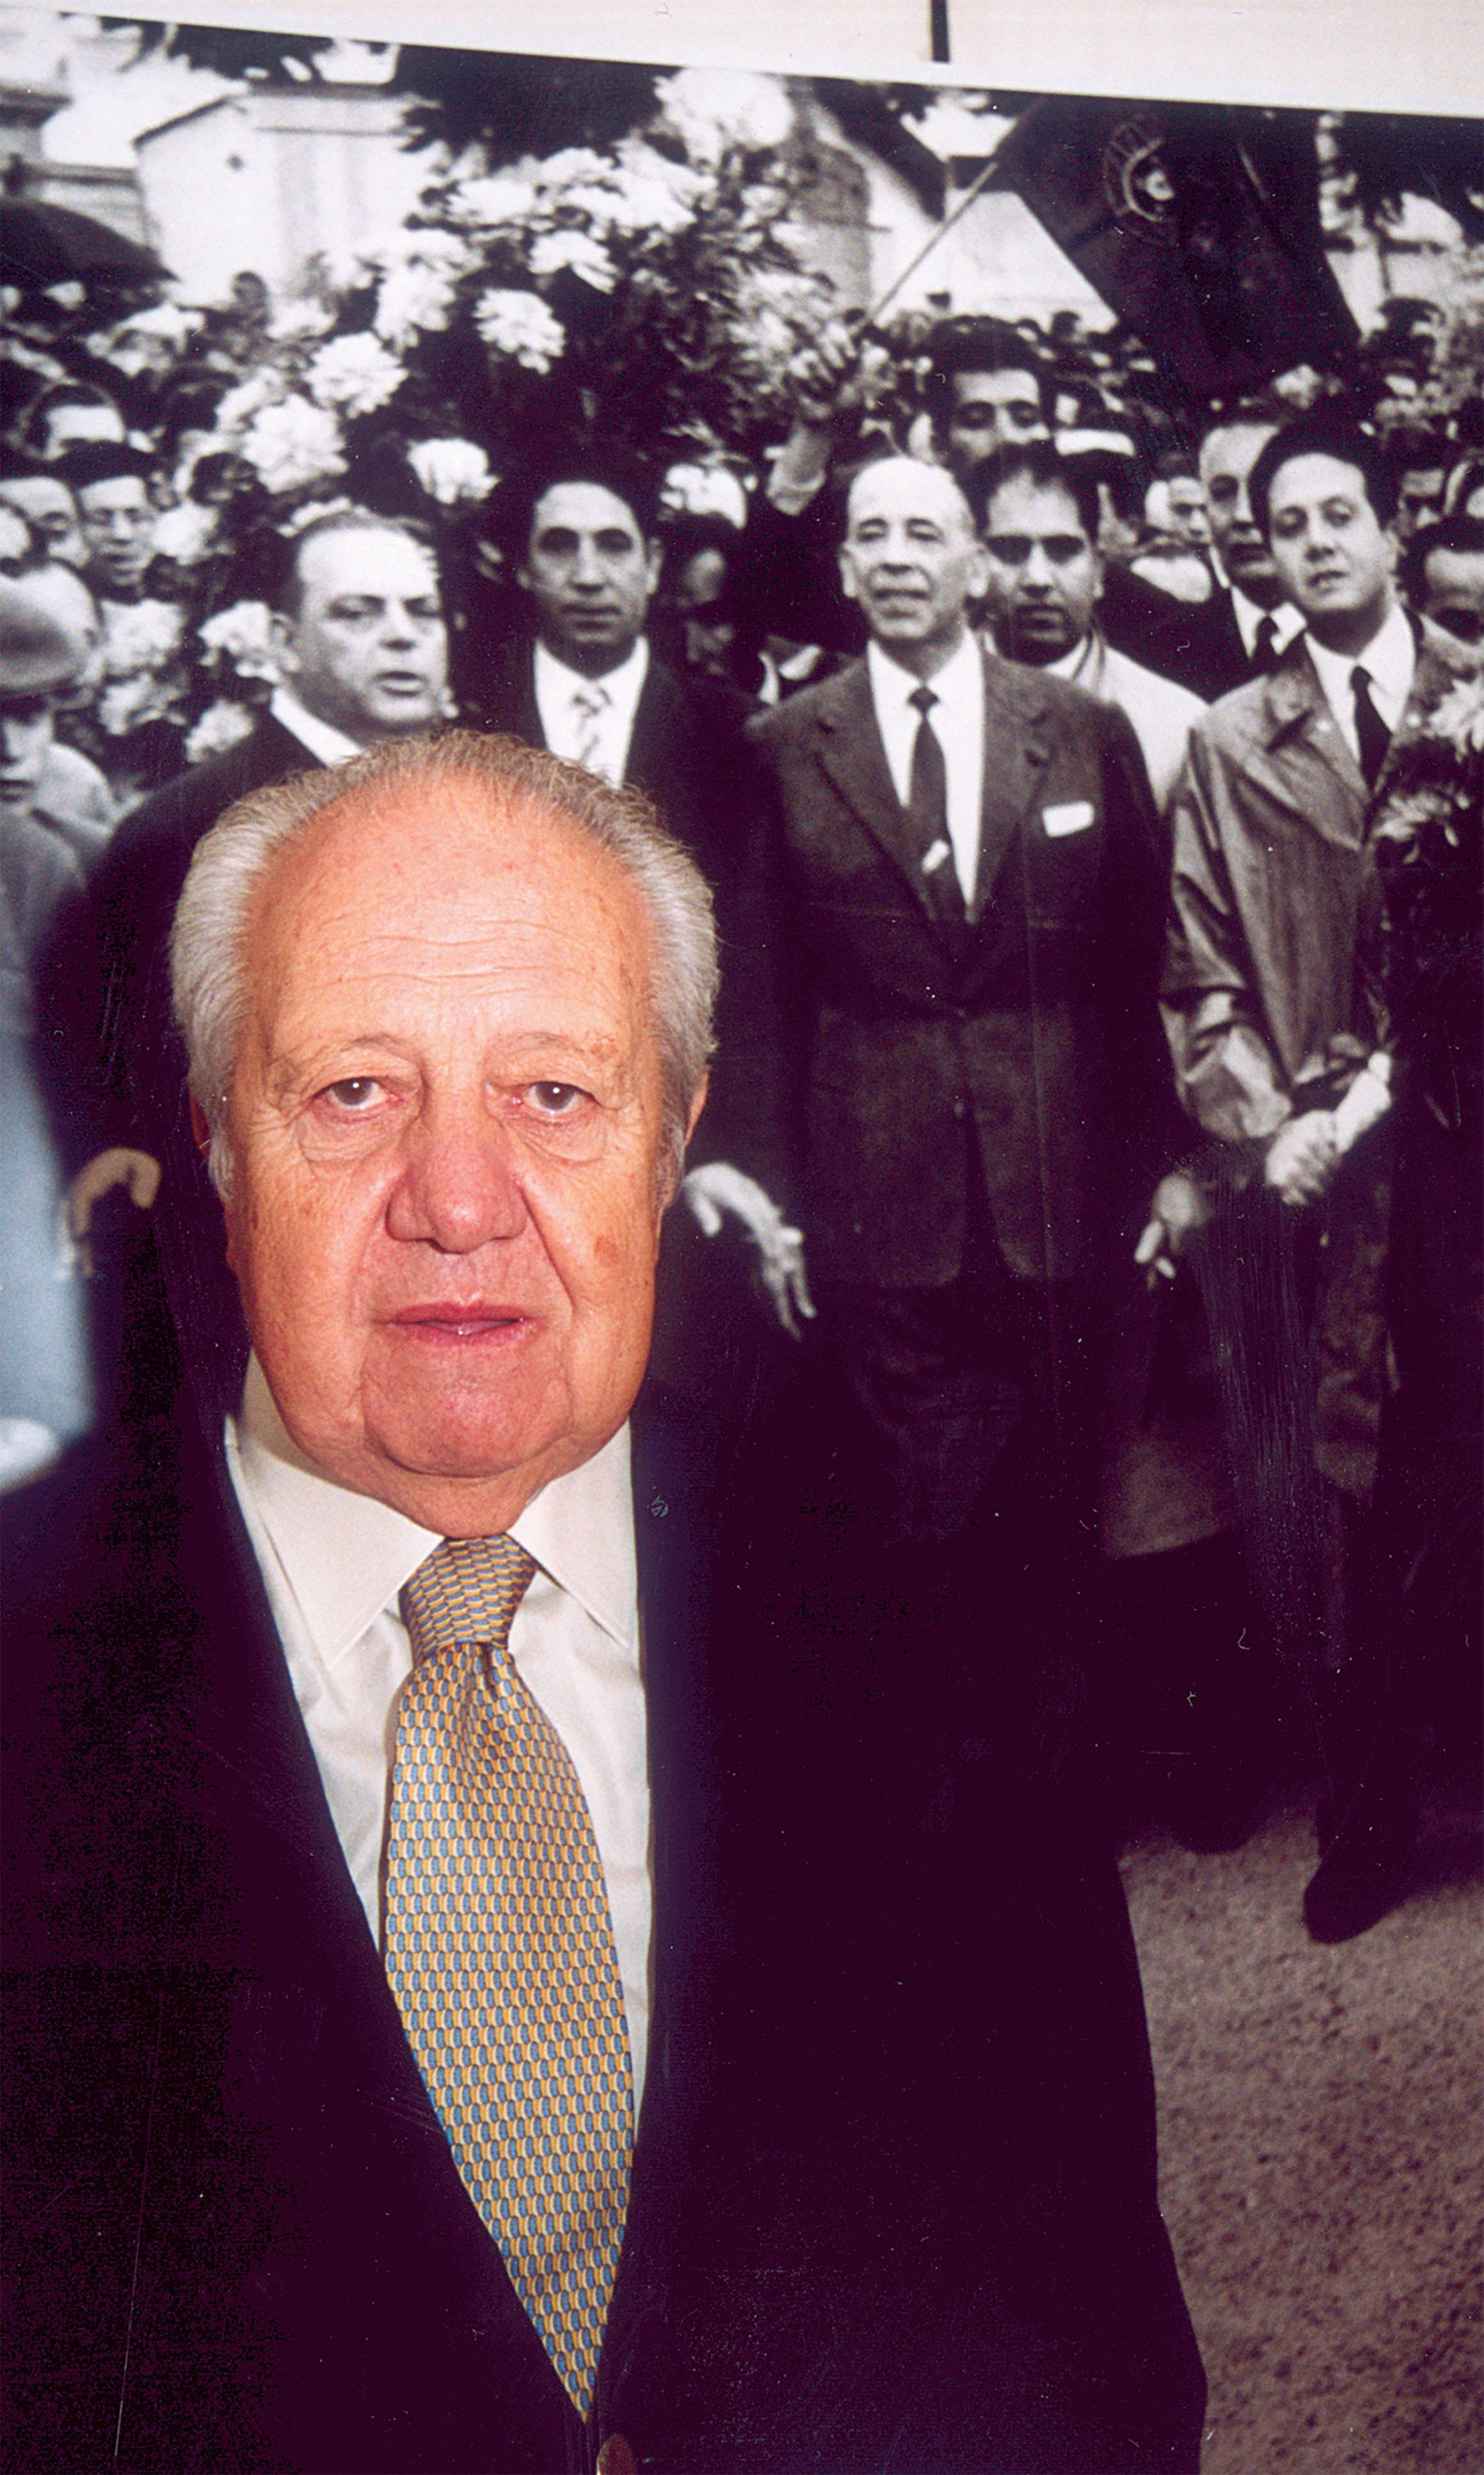 """Mário Soares gostaria de ser recordado como alguém que tentou ser """"justo, bom e solidário"""""""